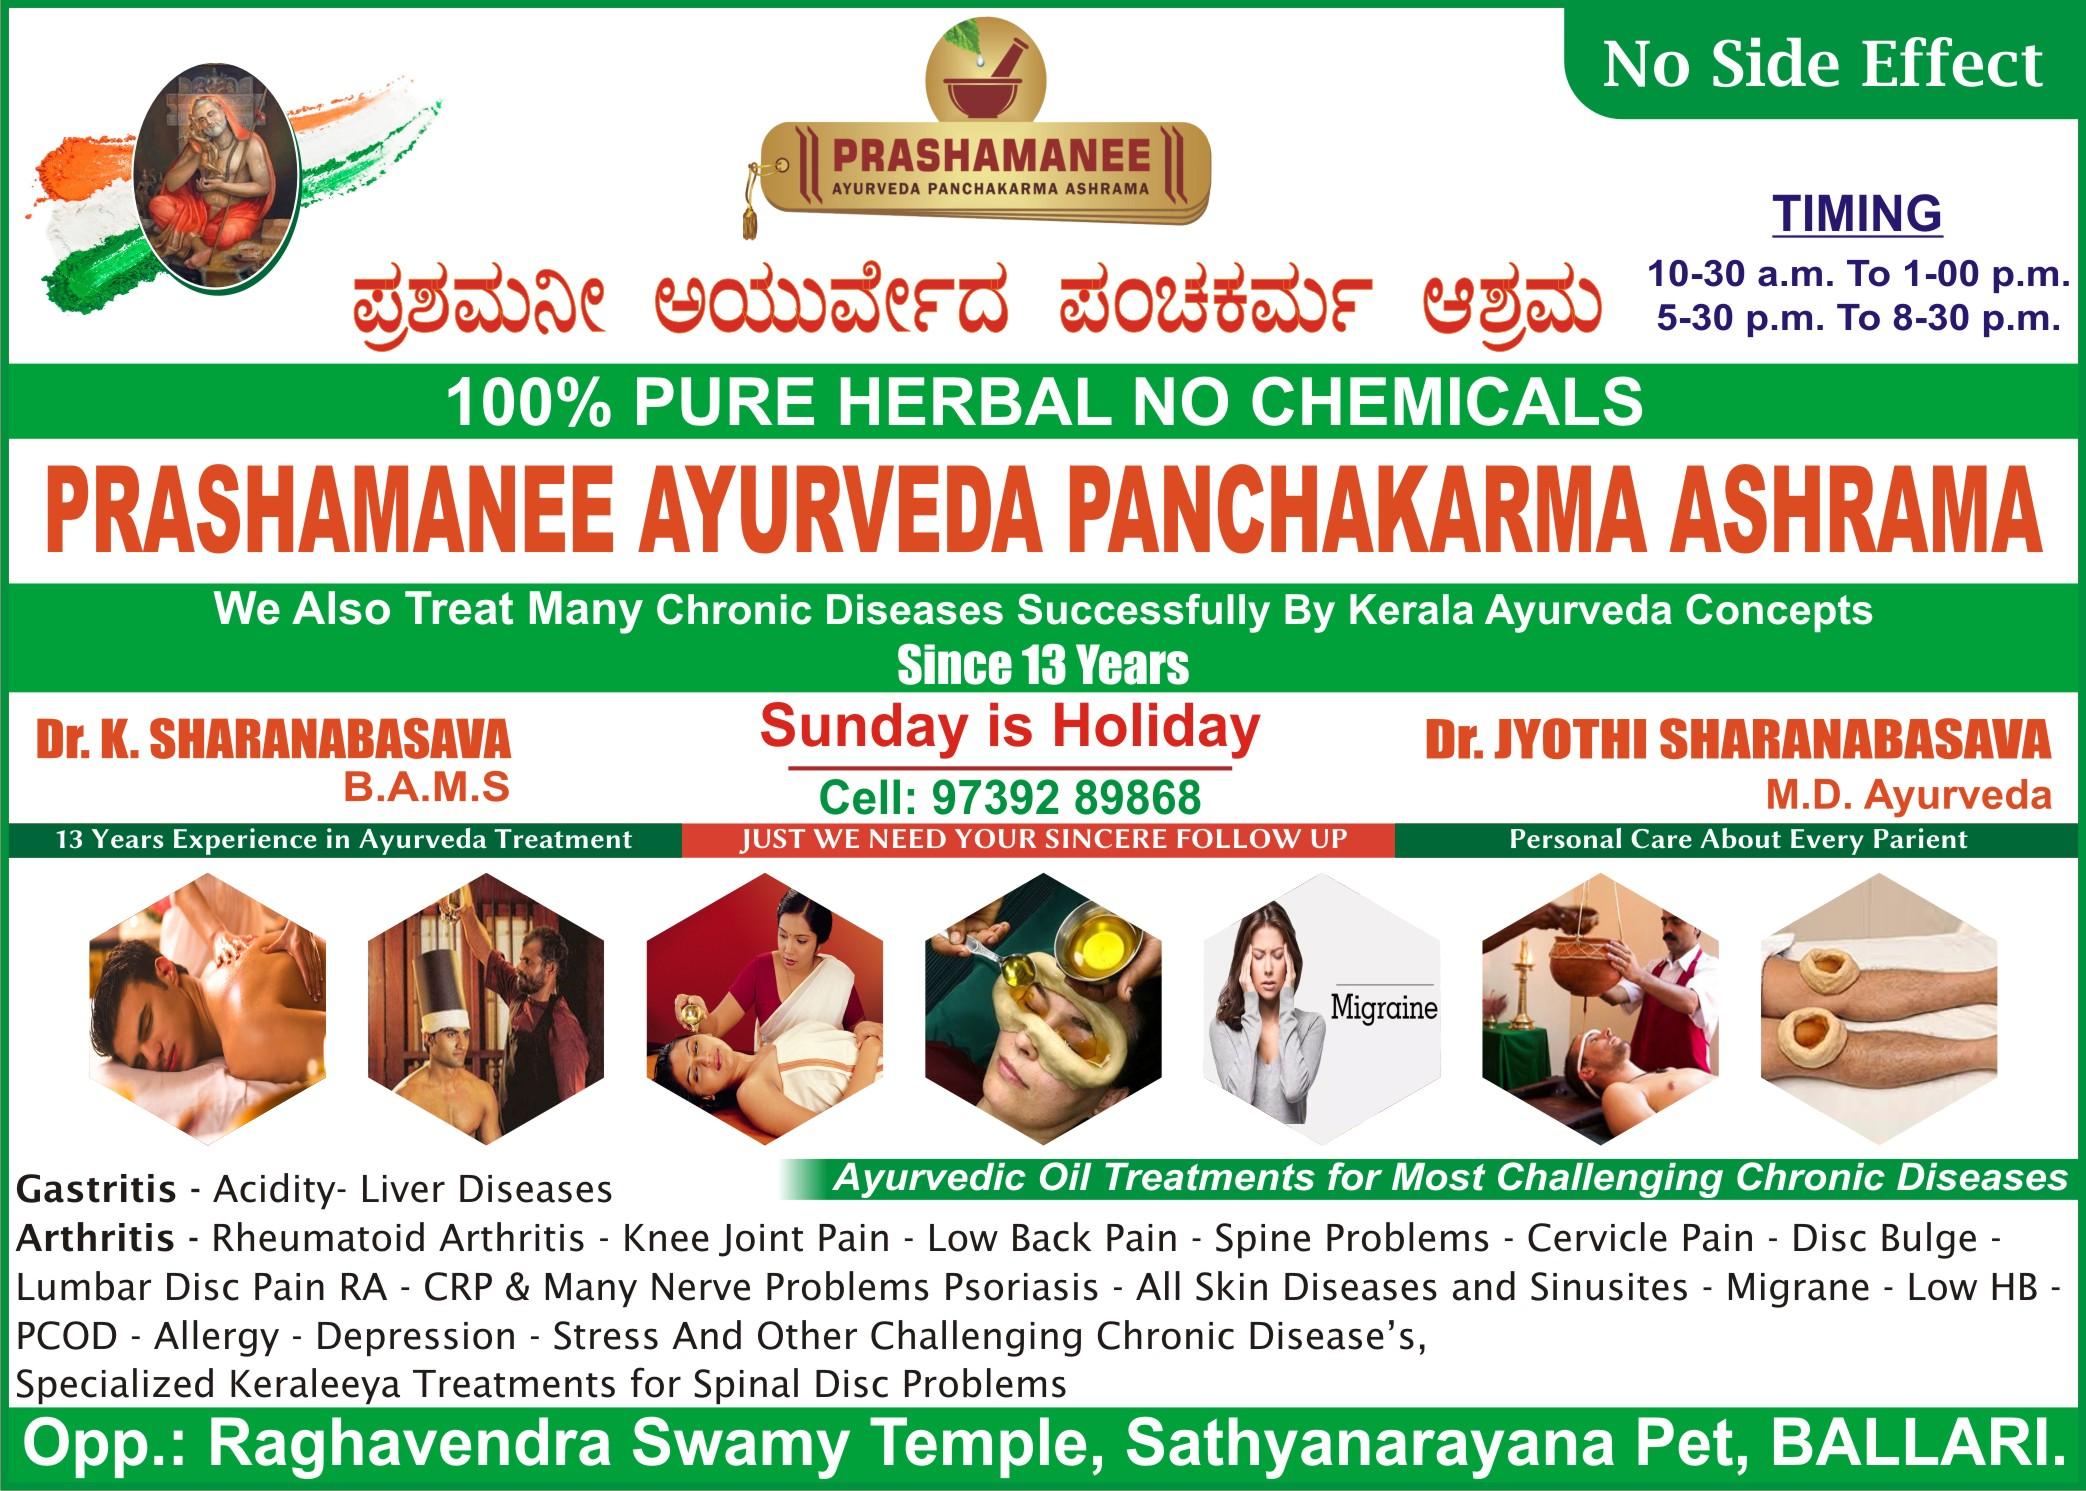 Prashamanee Ayurveda Panchakarma Ashrama The Telit Yelow Pages